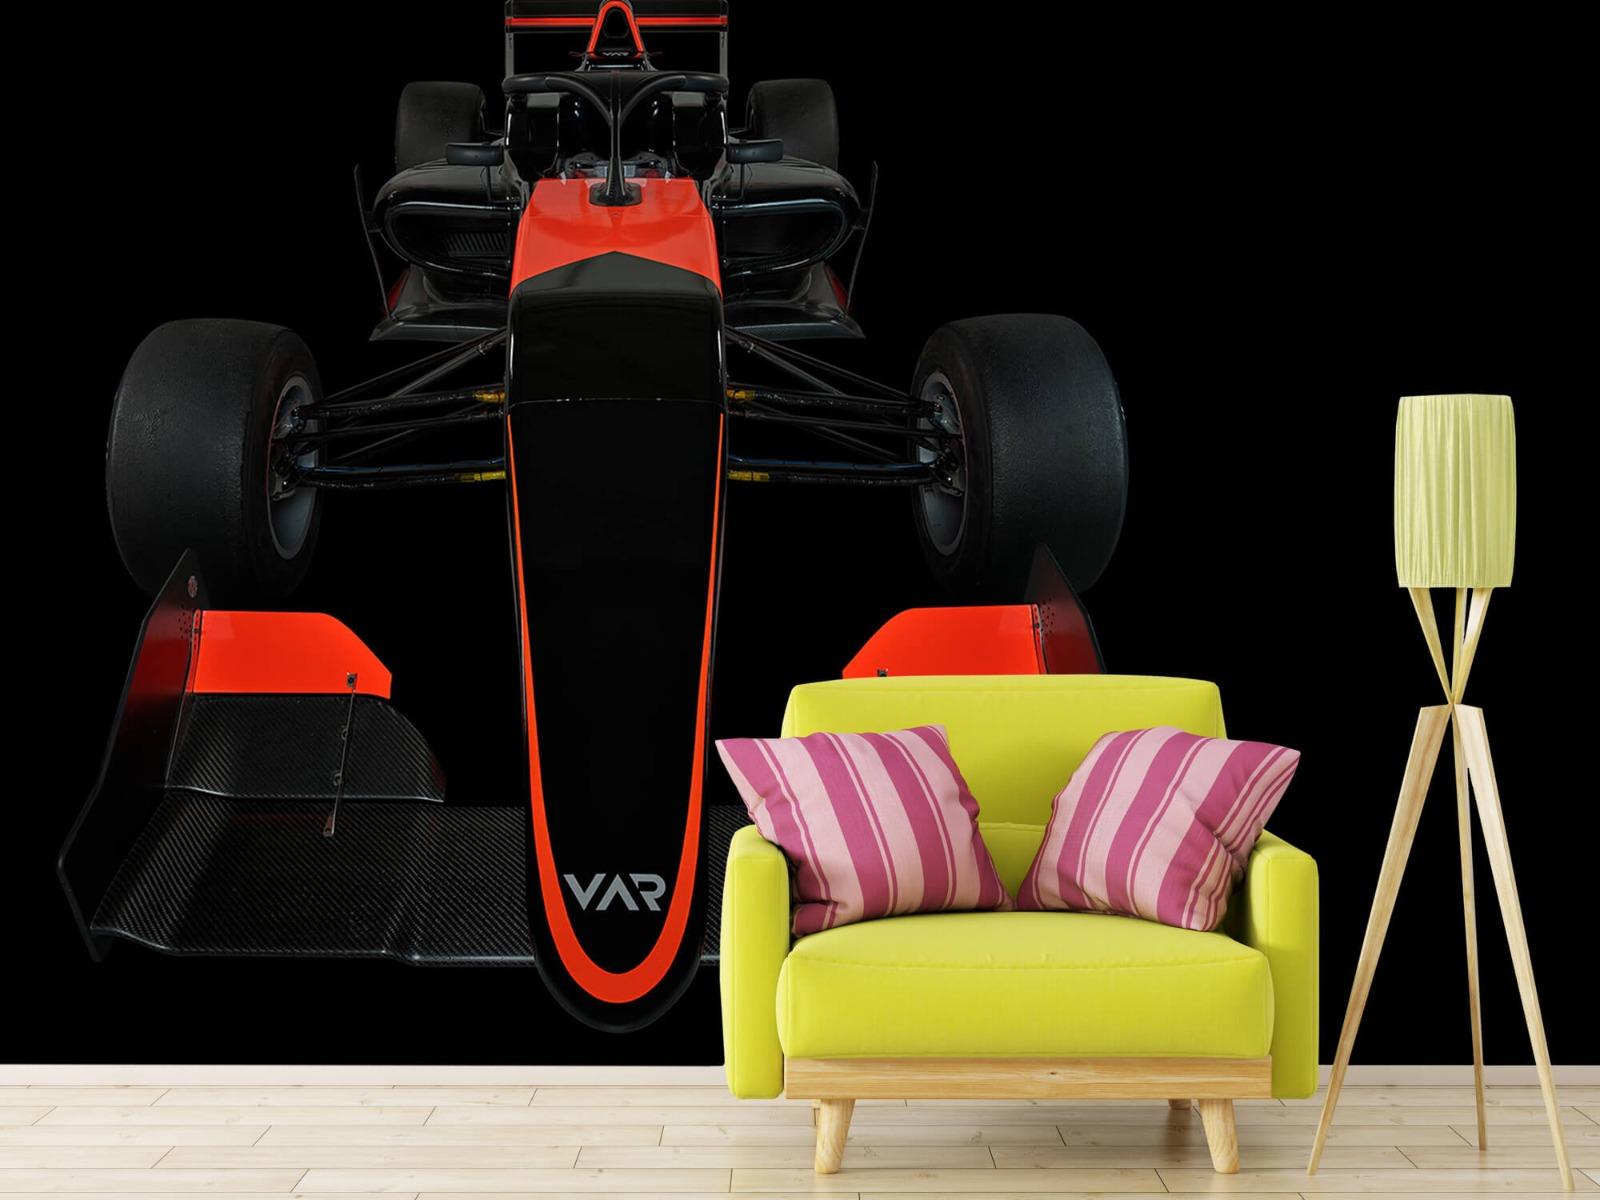 Sportauto's - Formule 3 - Front view - dark - Tienerkamer 18